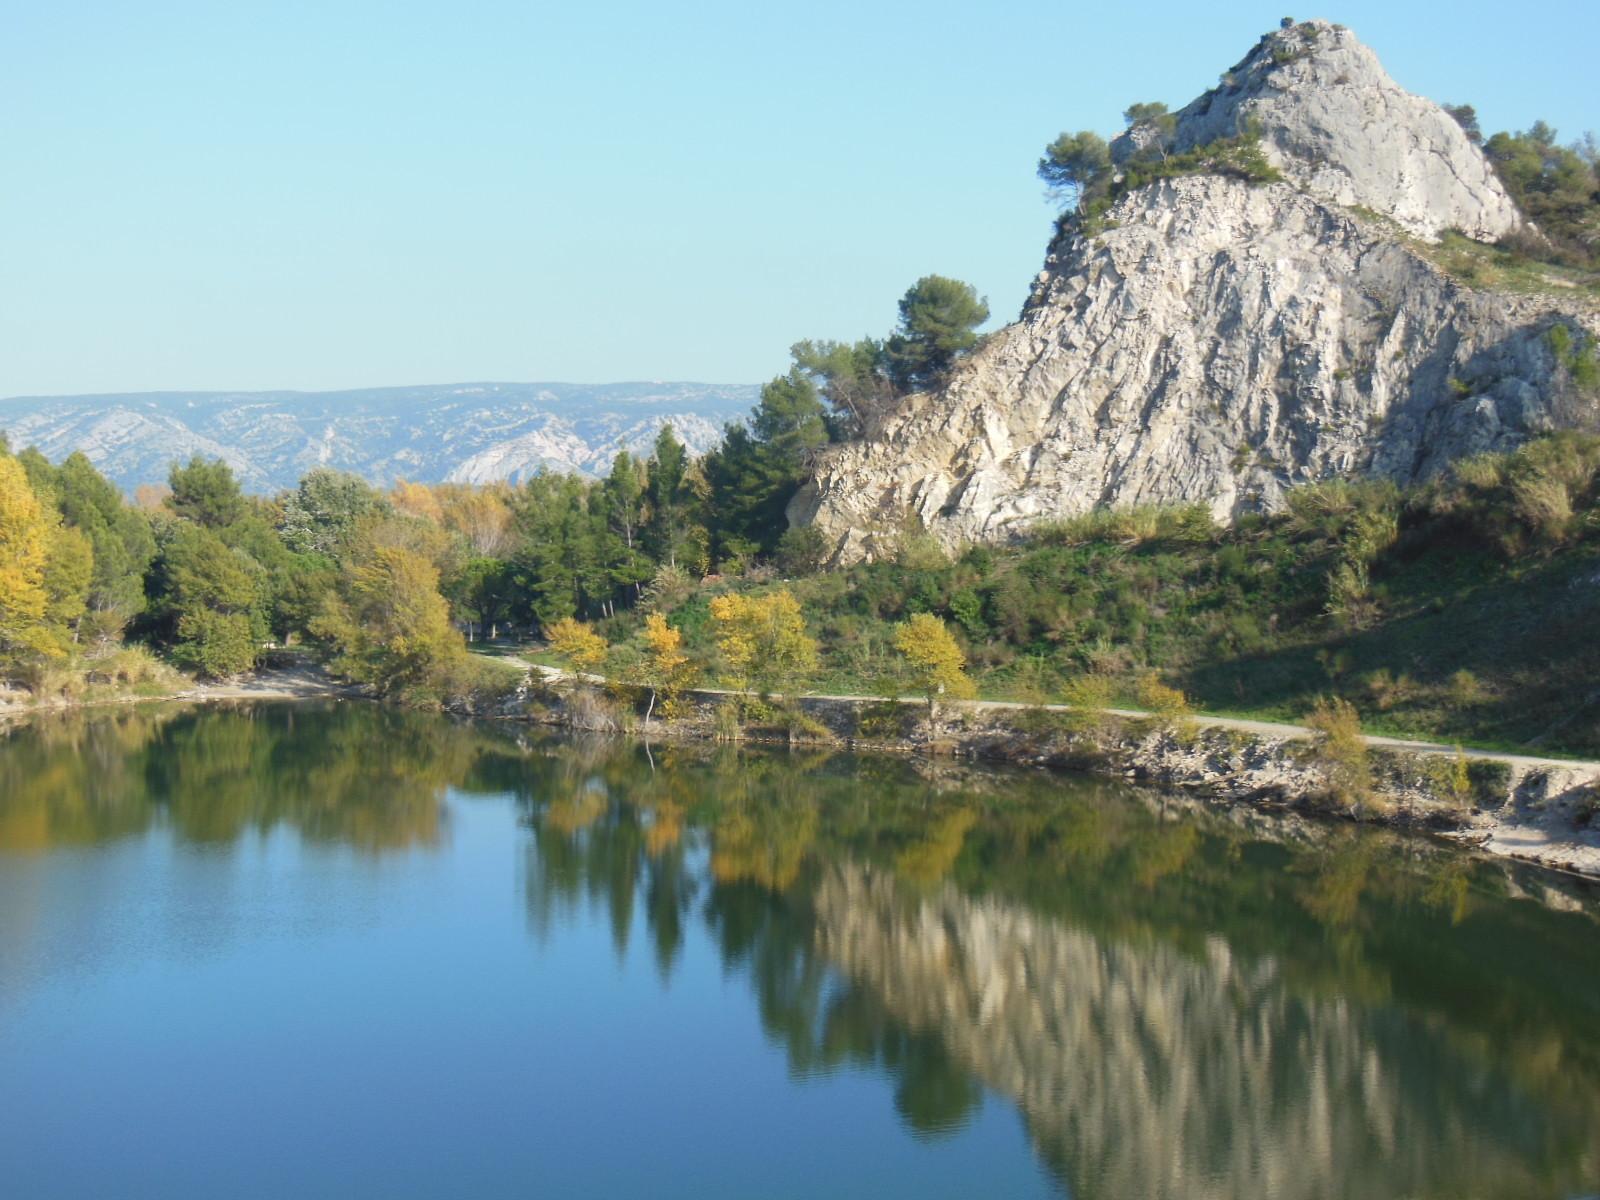 Frankrijk-Orgon-Camping%20La%20Vallee%20Heureuse-ExtraLarge Wintersport Frankrijk|Pagina 4 van 55